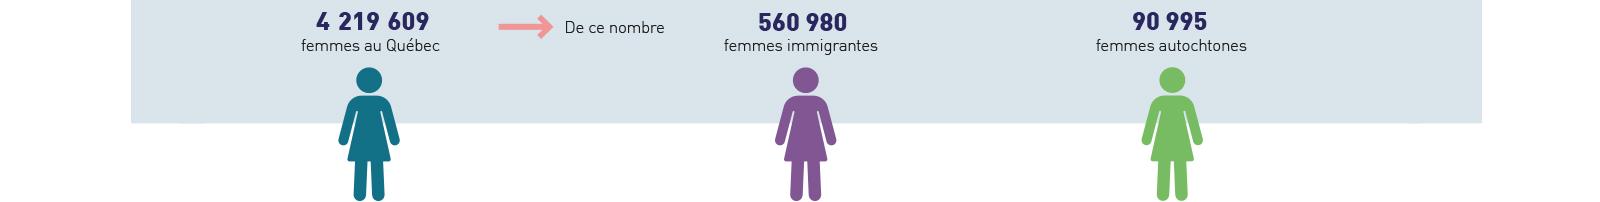 4 219 609 femmes au Québec, de ce nombre 560 980 femmes immigrantes et 90 995 femmes autochtones.